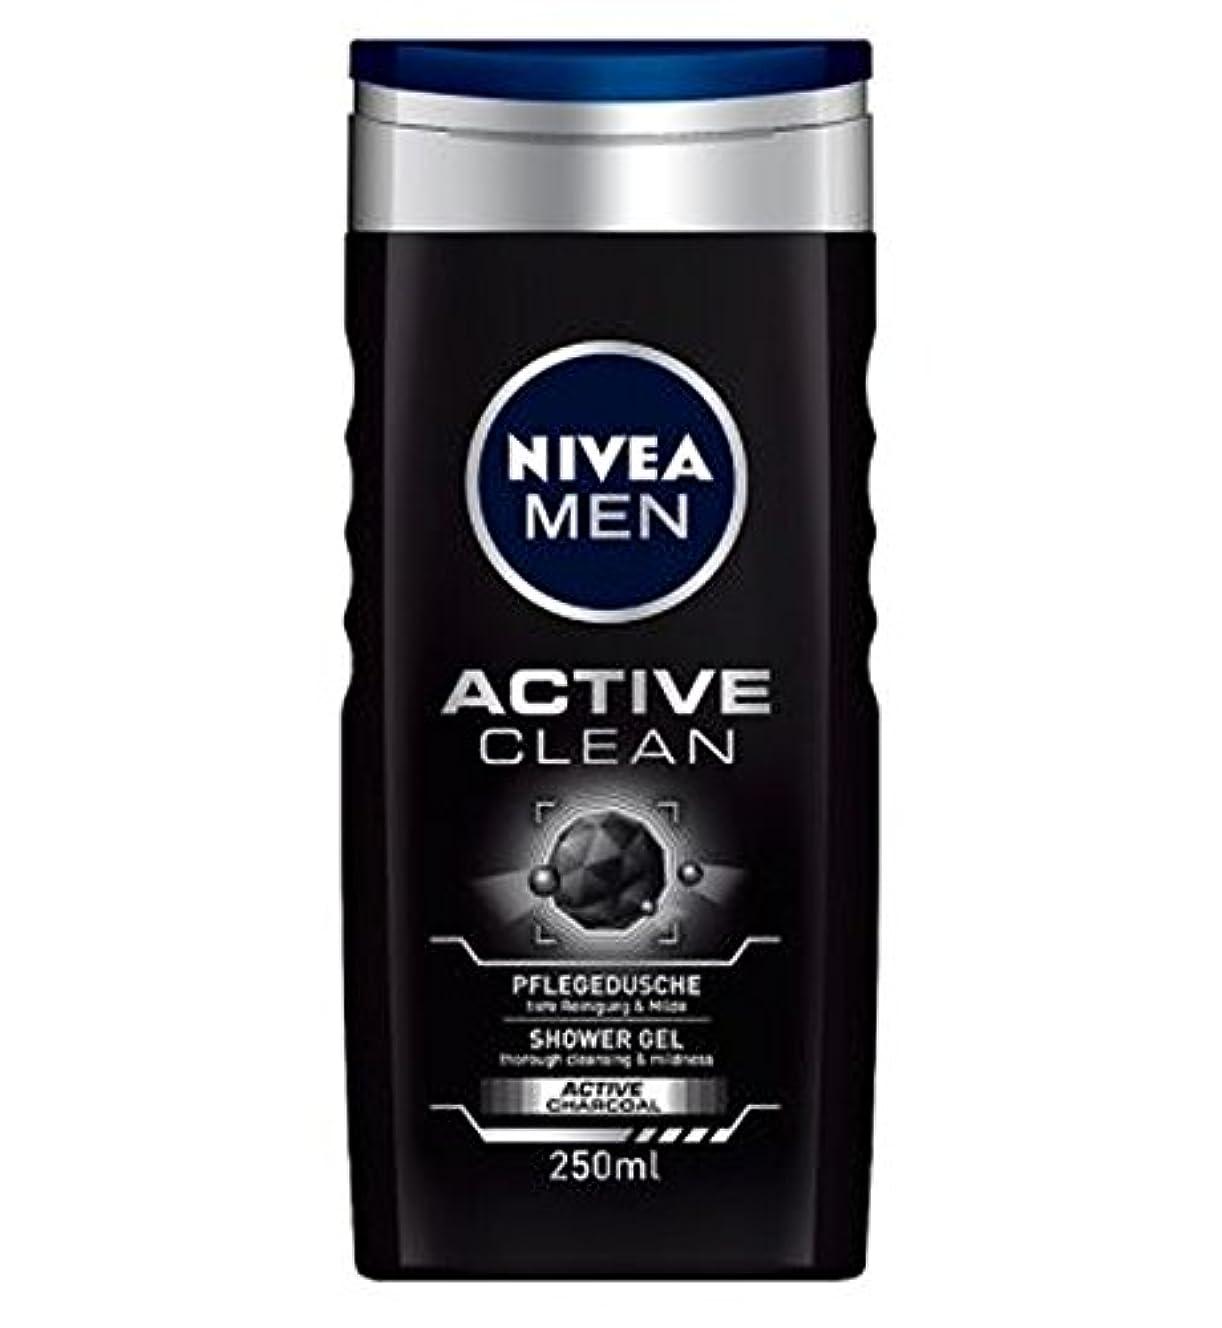 成人期ゴミ蒸留NIVEA MEN Active Clean Shower Gel 250ml - ニベアの男性アクティブクリーンシャワージェル250ミリリットル (Nivea) [並行輸入品]